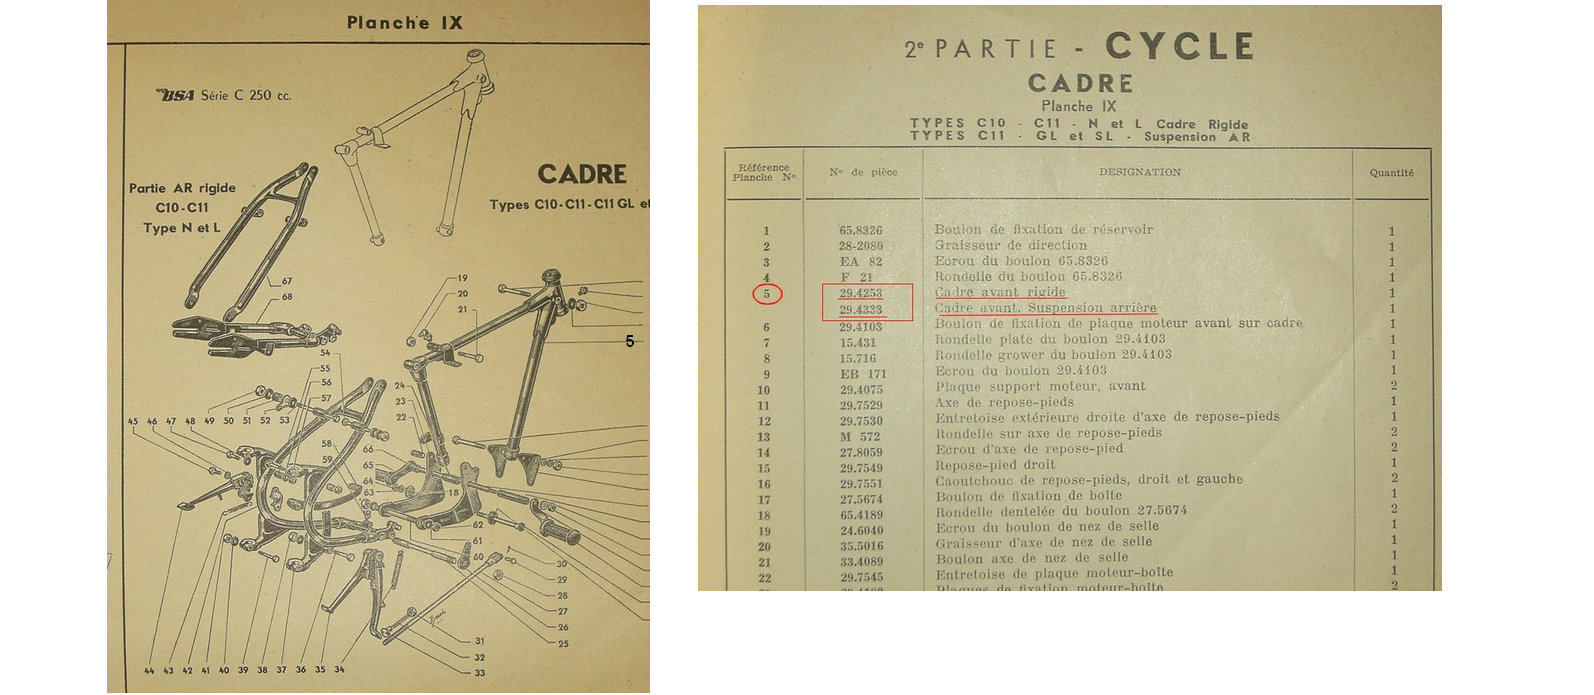 C11 rigide /coulissante 290245cadrec11